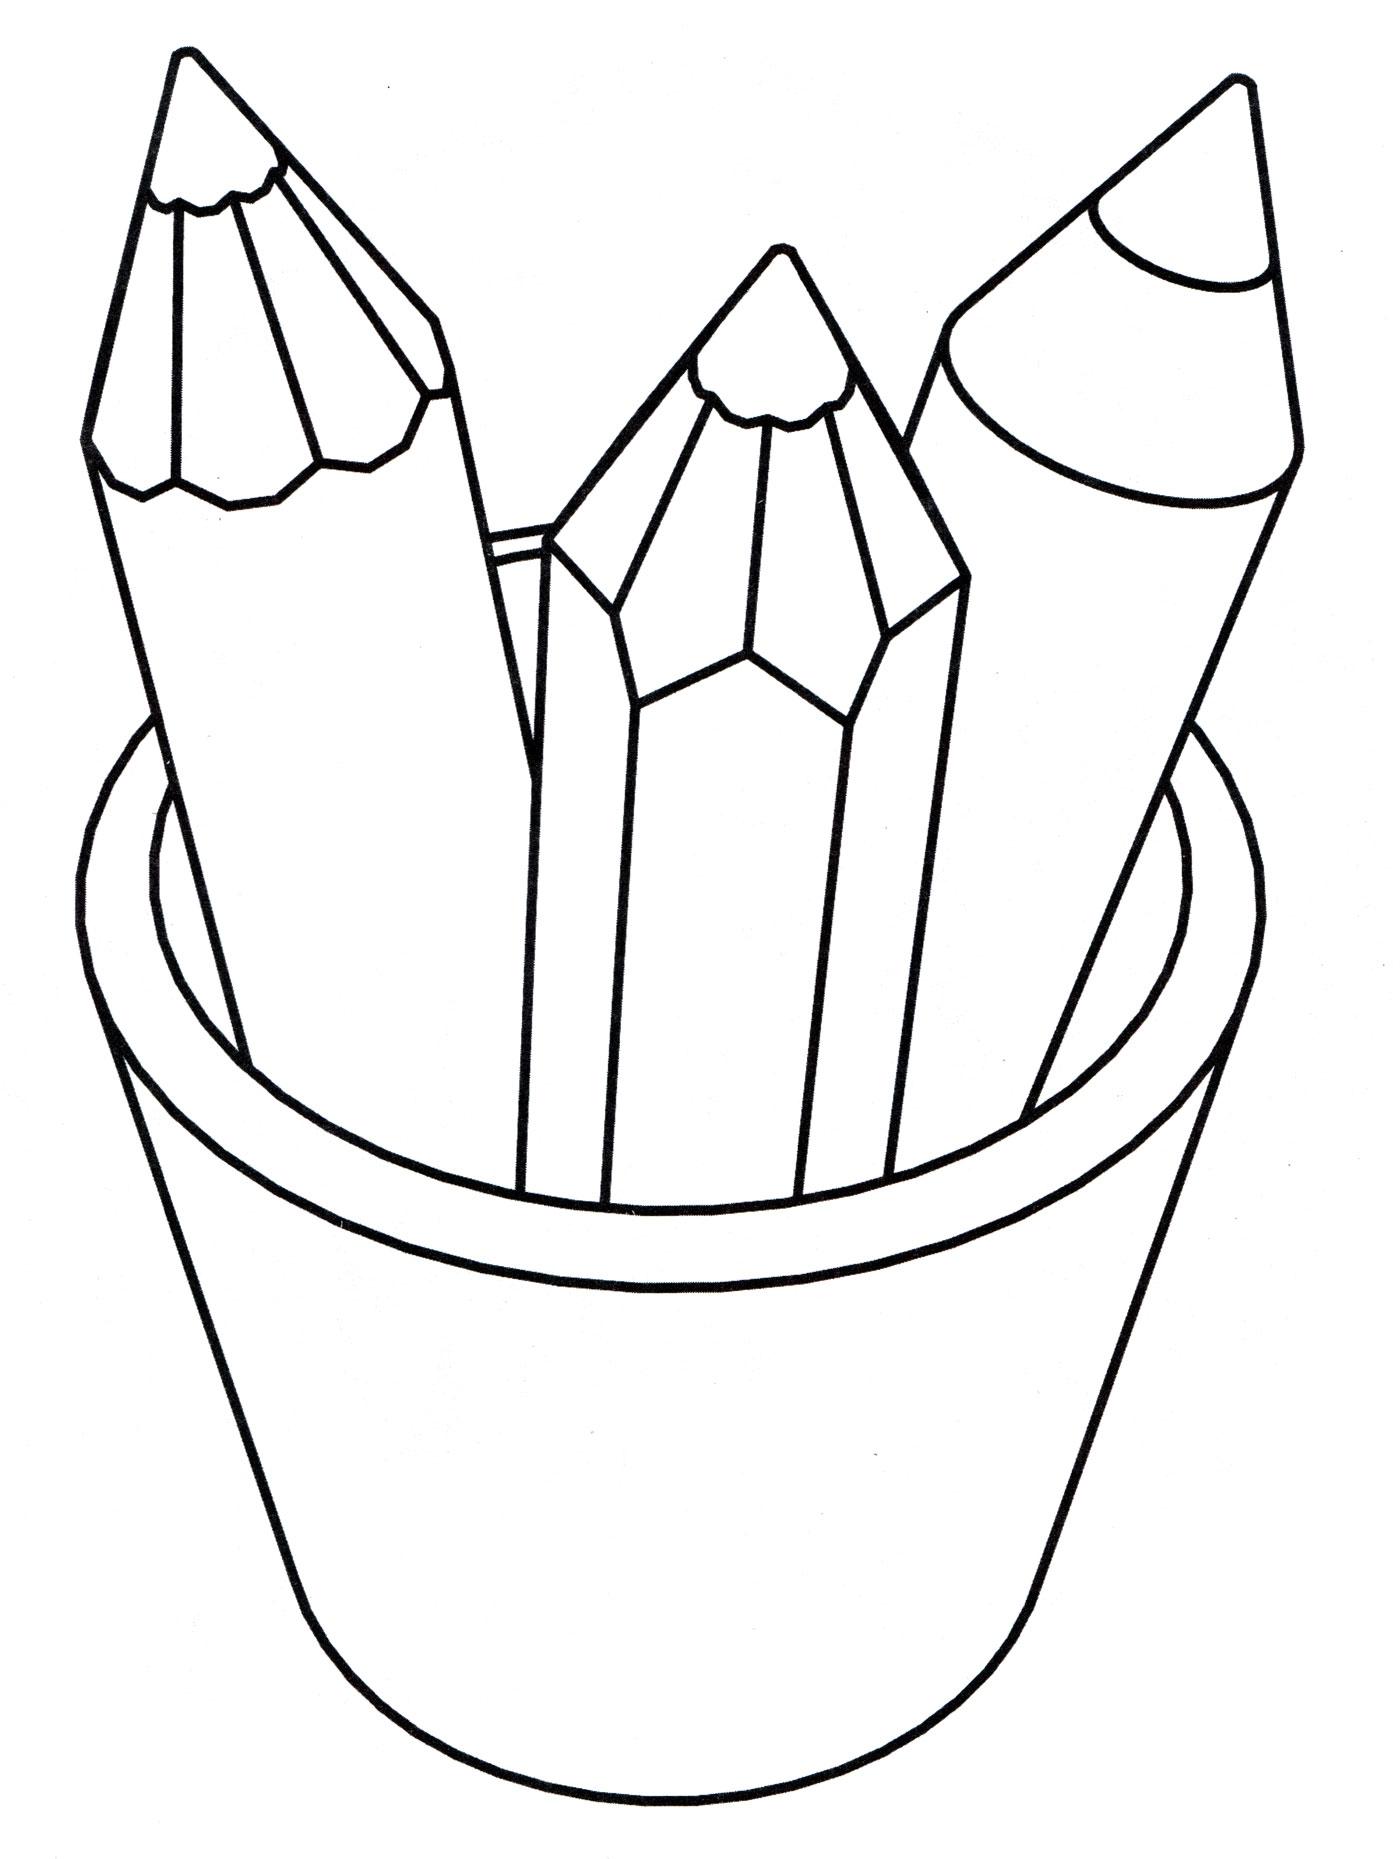 картинка для разукрашивания карандаш своим